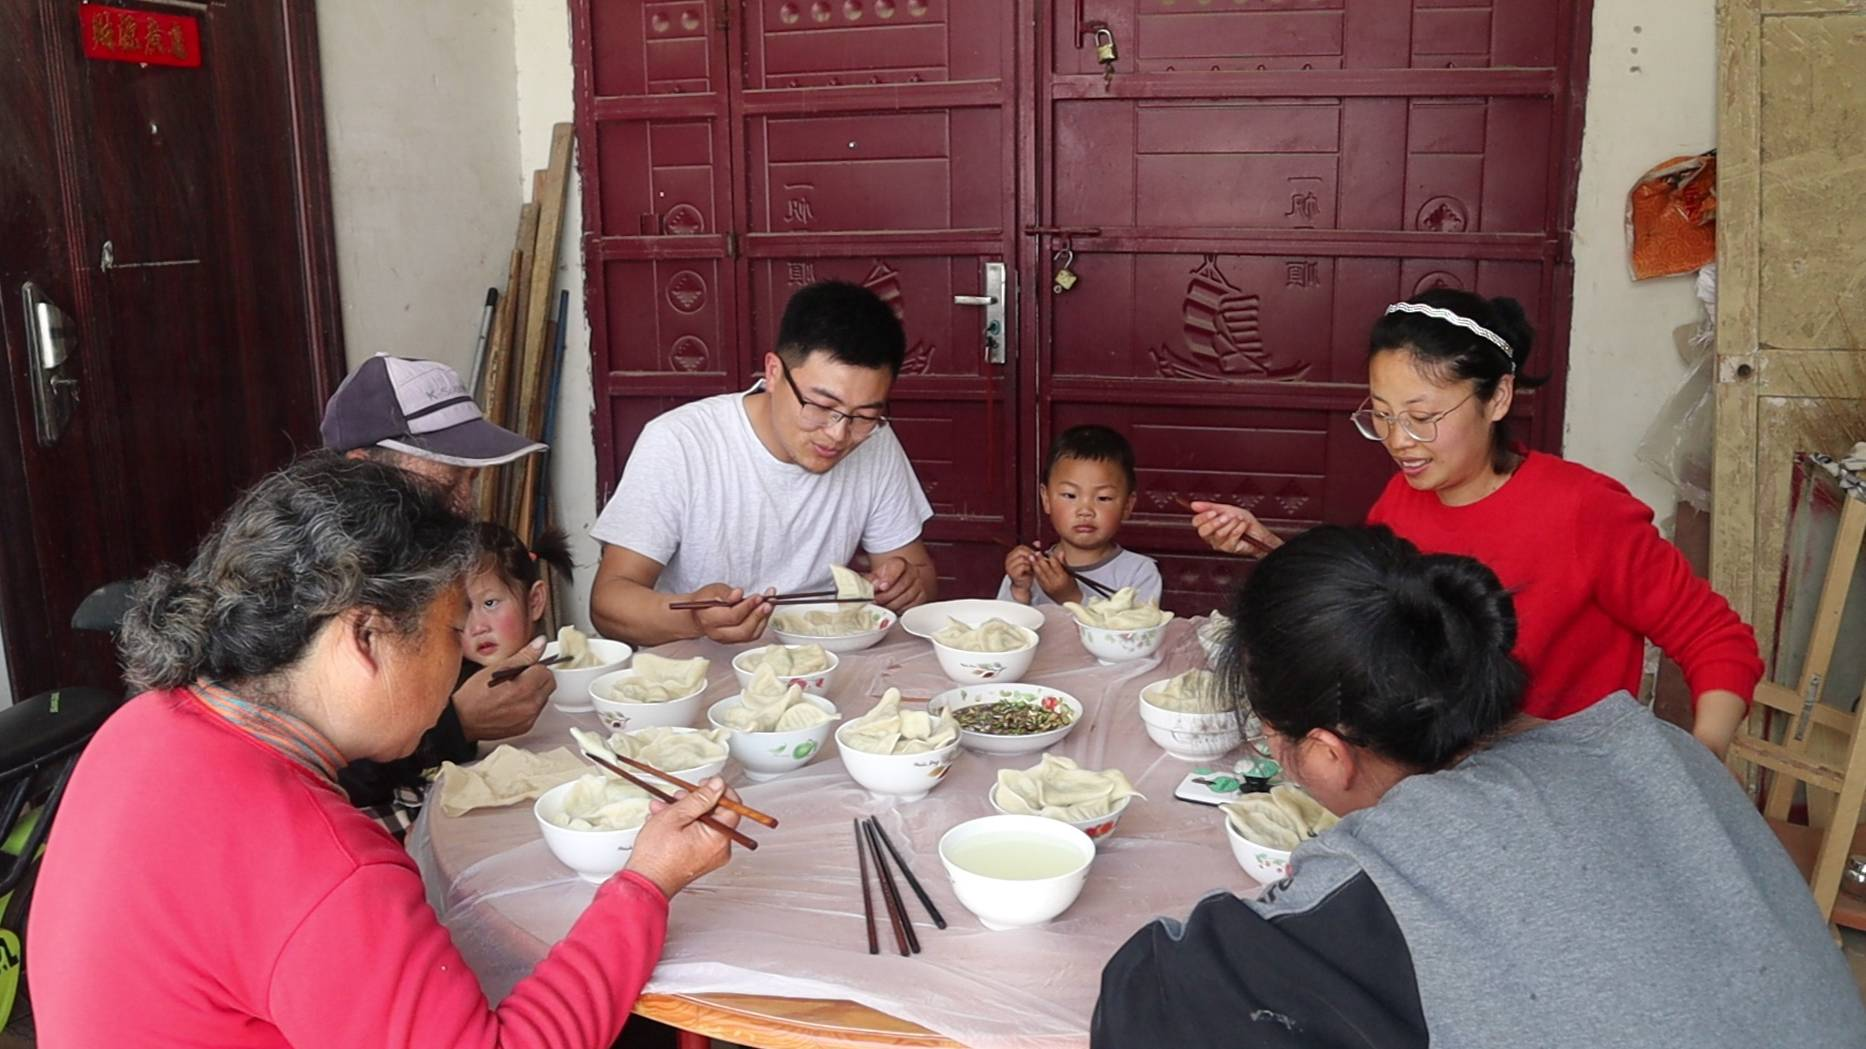 华子去岳父家送面,全家一起包饺子,吃撑了!临走时丈母娘还塞钱